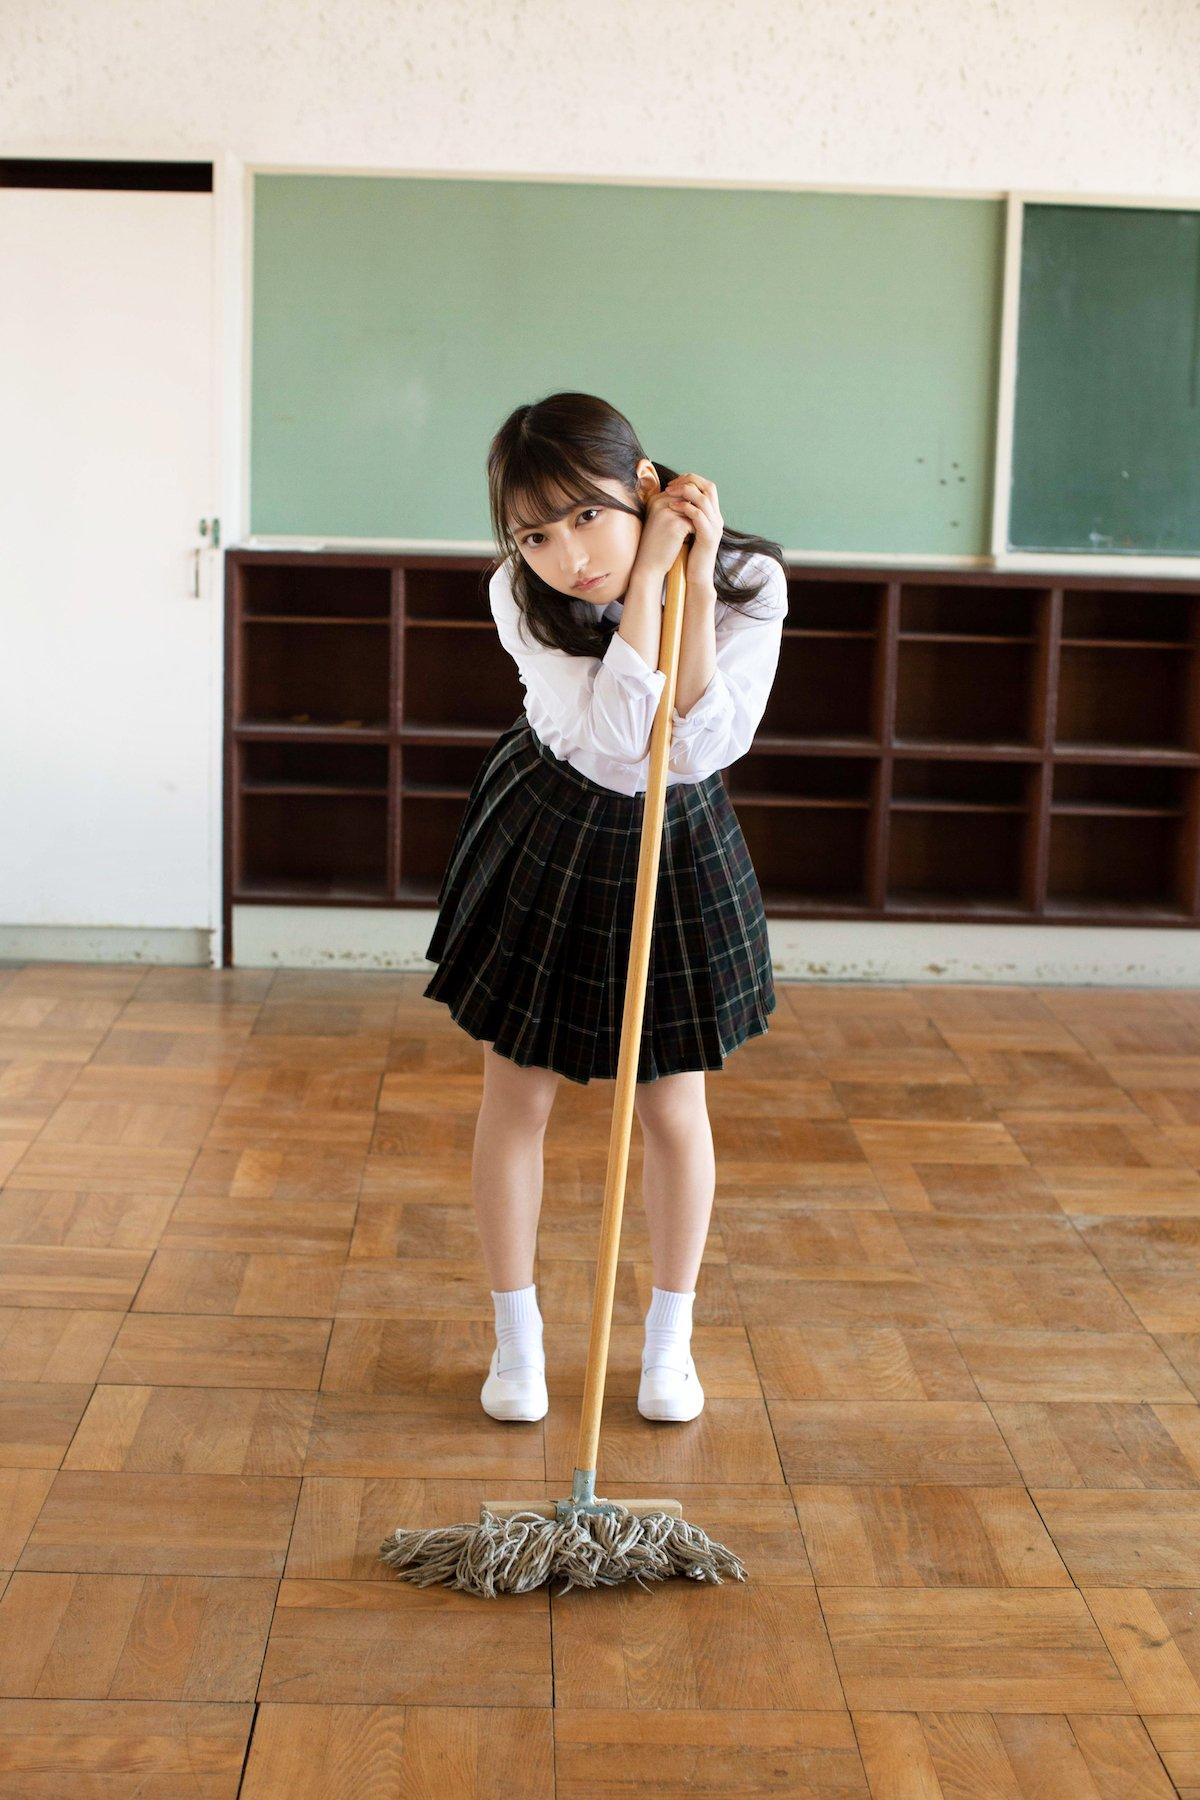 十味が放課後の教室でビキニ姿に!『月刊エンタメ』グラビアのアザーカット公開【画像7枚】の画像007